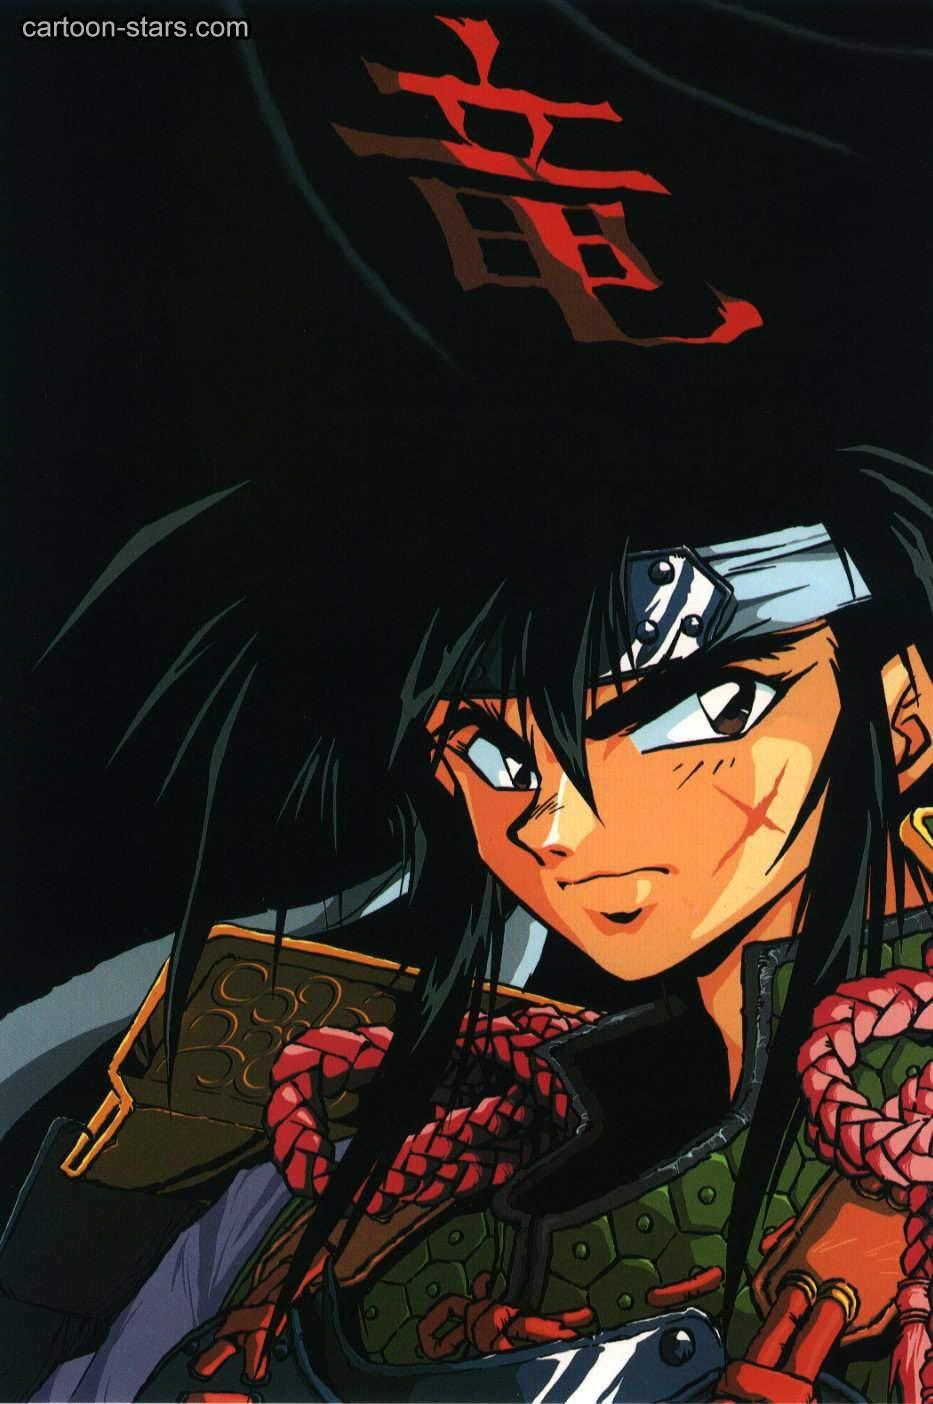 لنـستـرجـع ذاكـرتنـا الطفـولـية قنـاة سبيـس تـون الصفحة 5 Anime Butterfly Anime Movies Old Anime